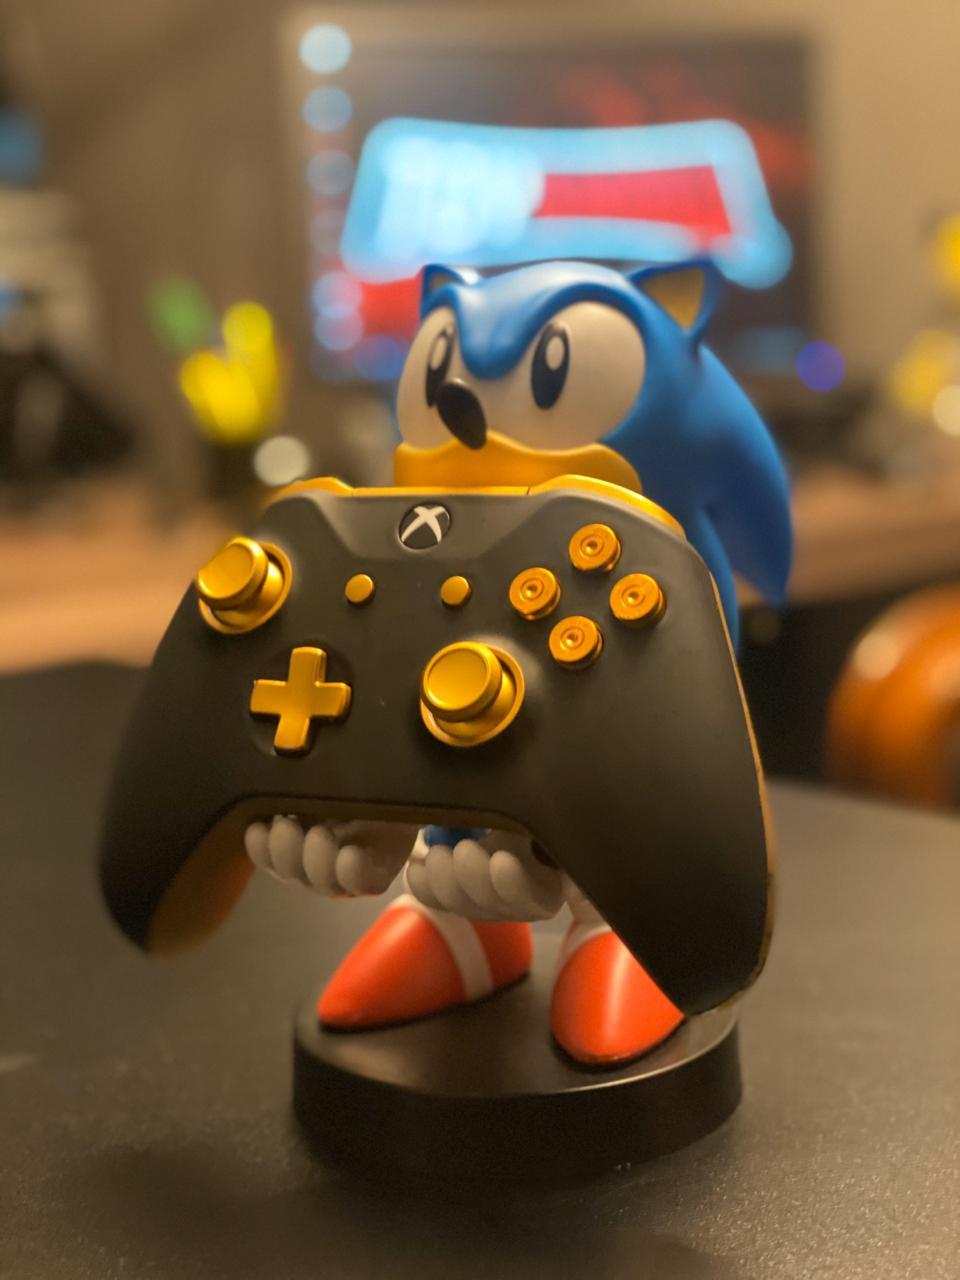 Suporte Para Celular e Controle de Vídeo Game: Sonic (The Hedgehog)